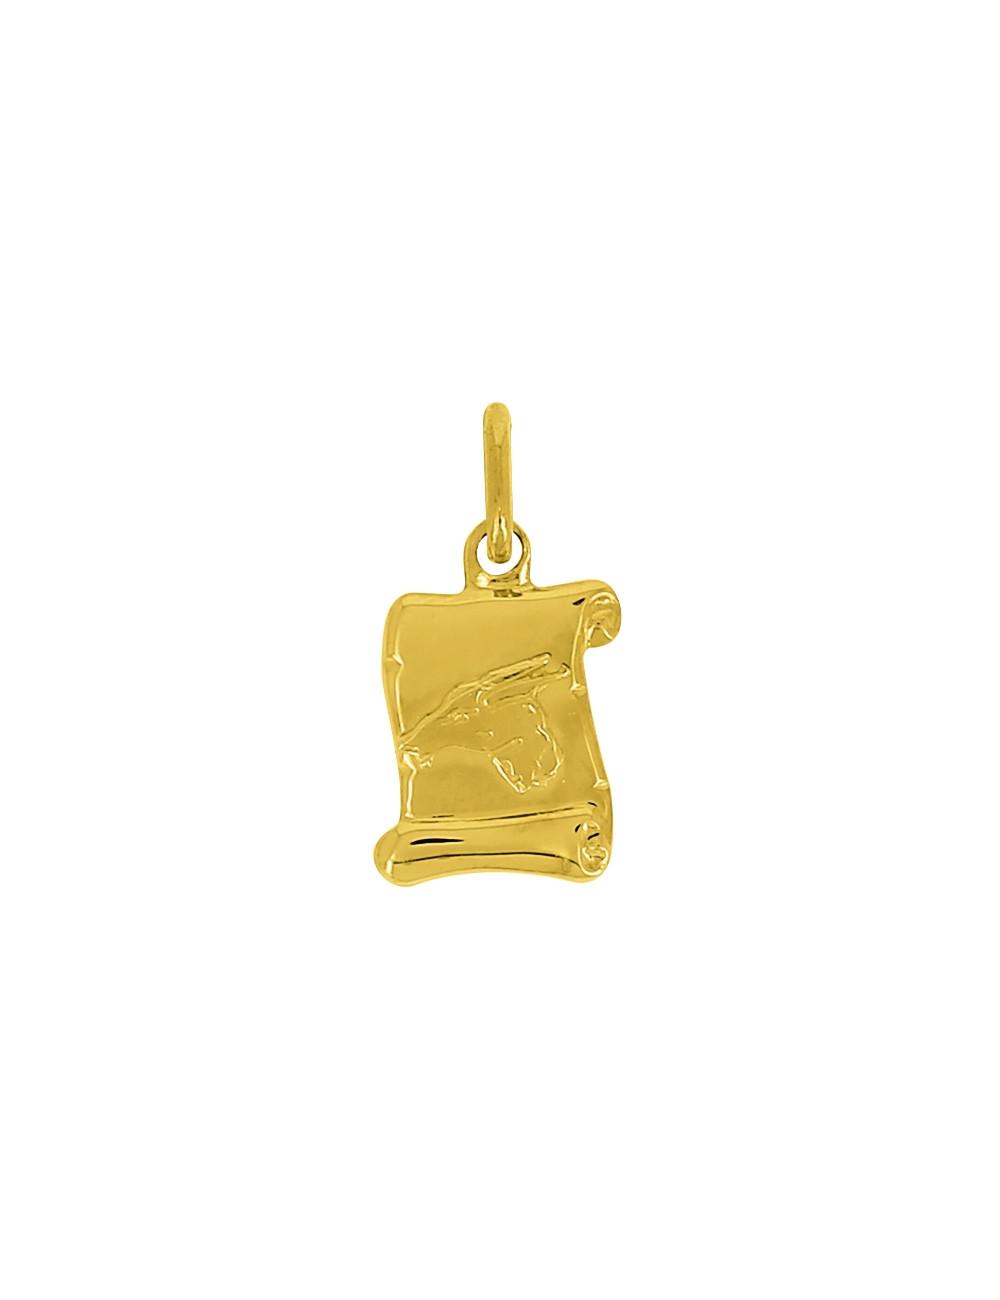 Pendentif Signe Du Zodiaque Capricorne Or Jaune 18 Carats + Chaine Or Jaune 18 Carats Offerte